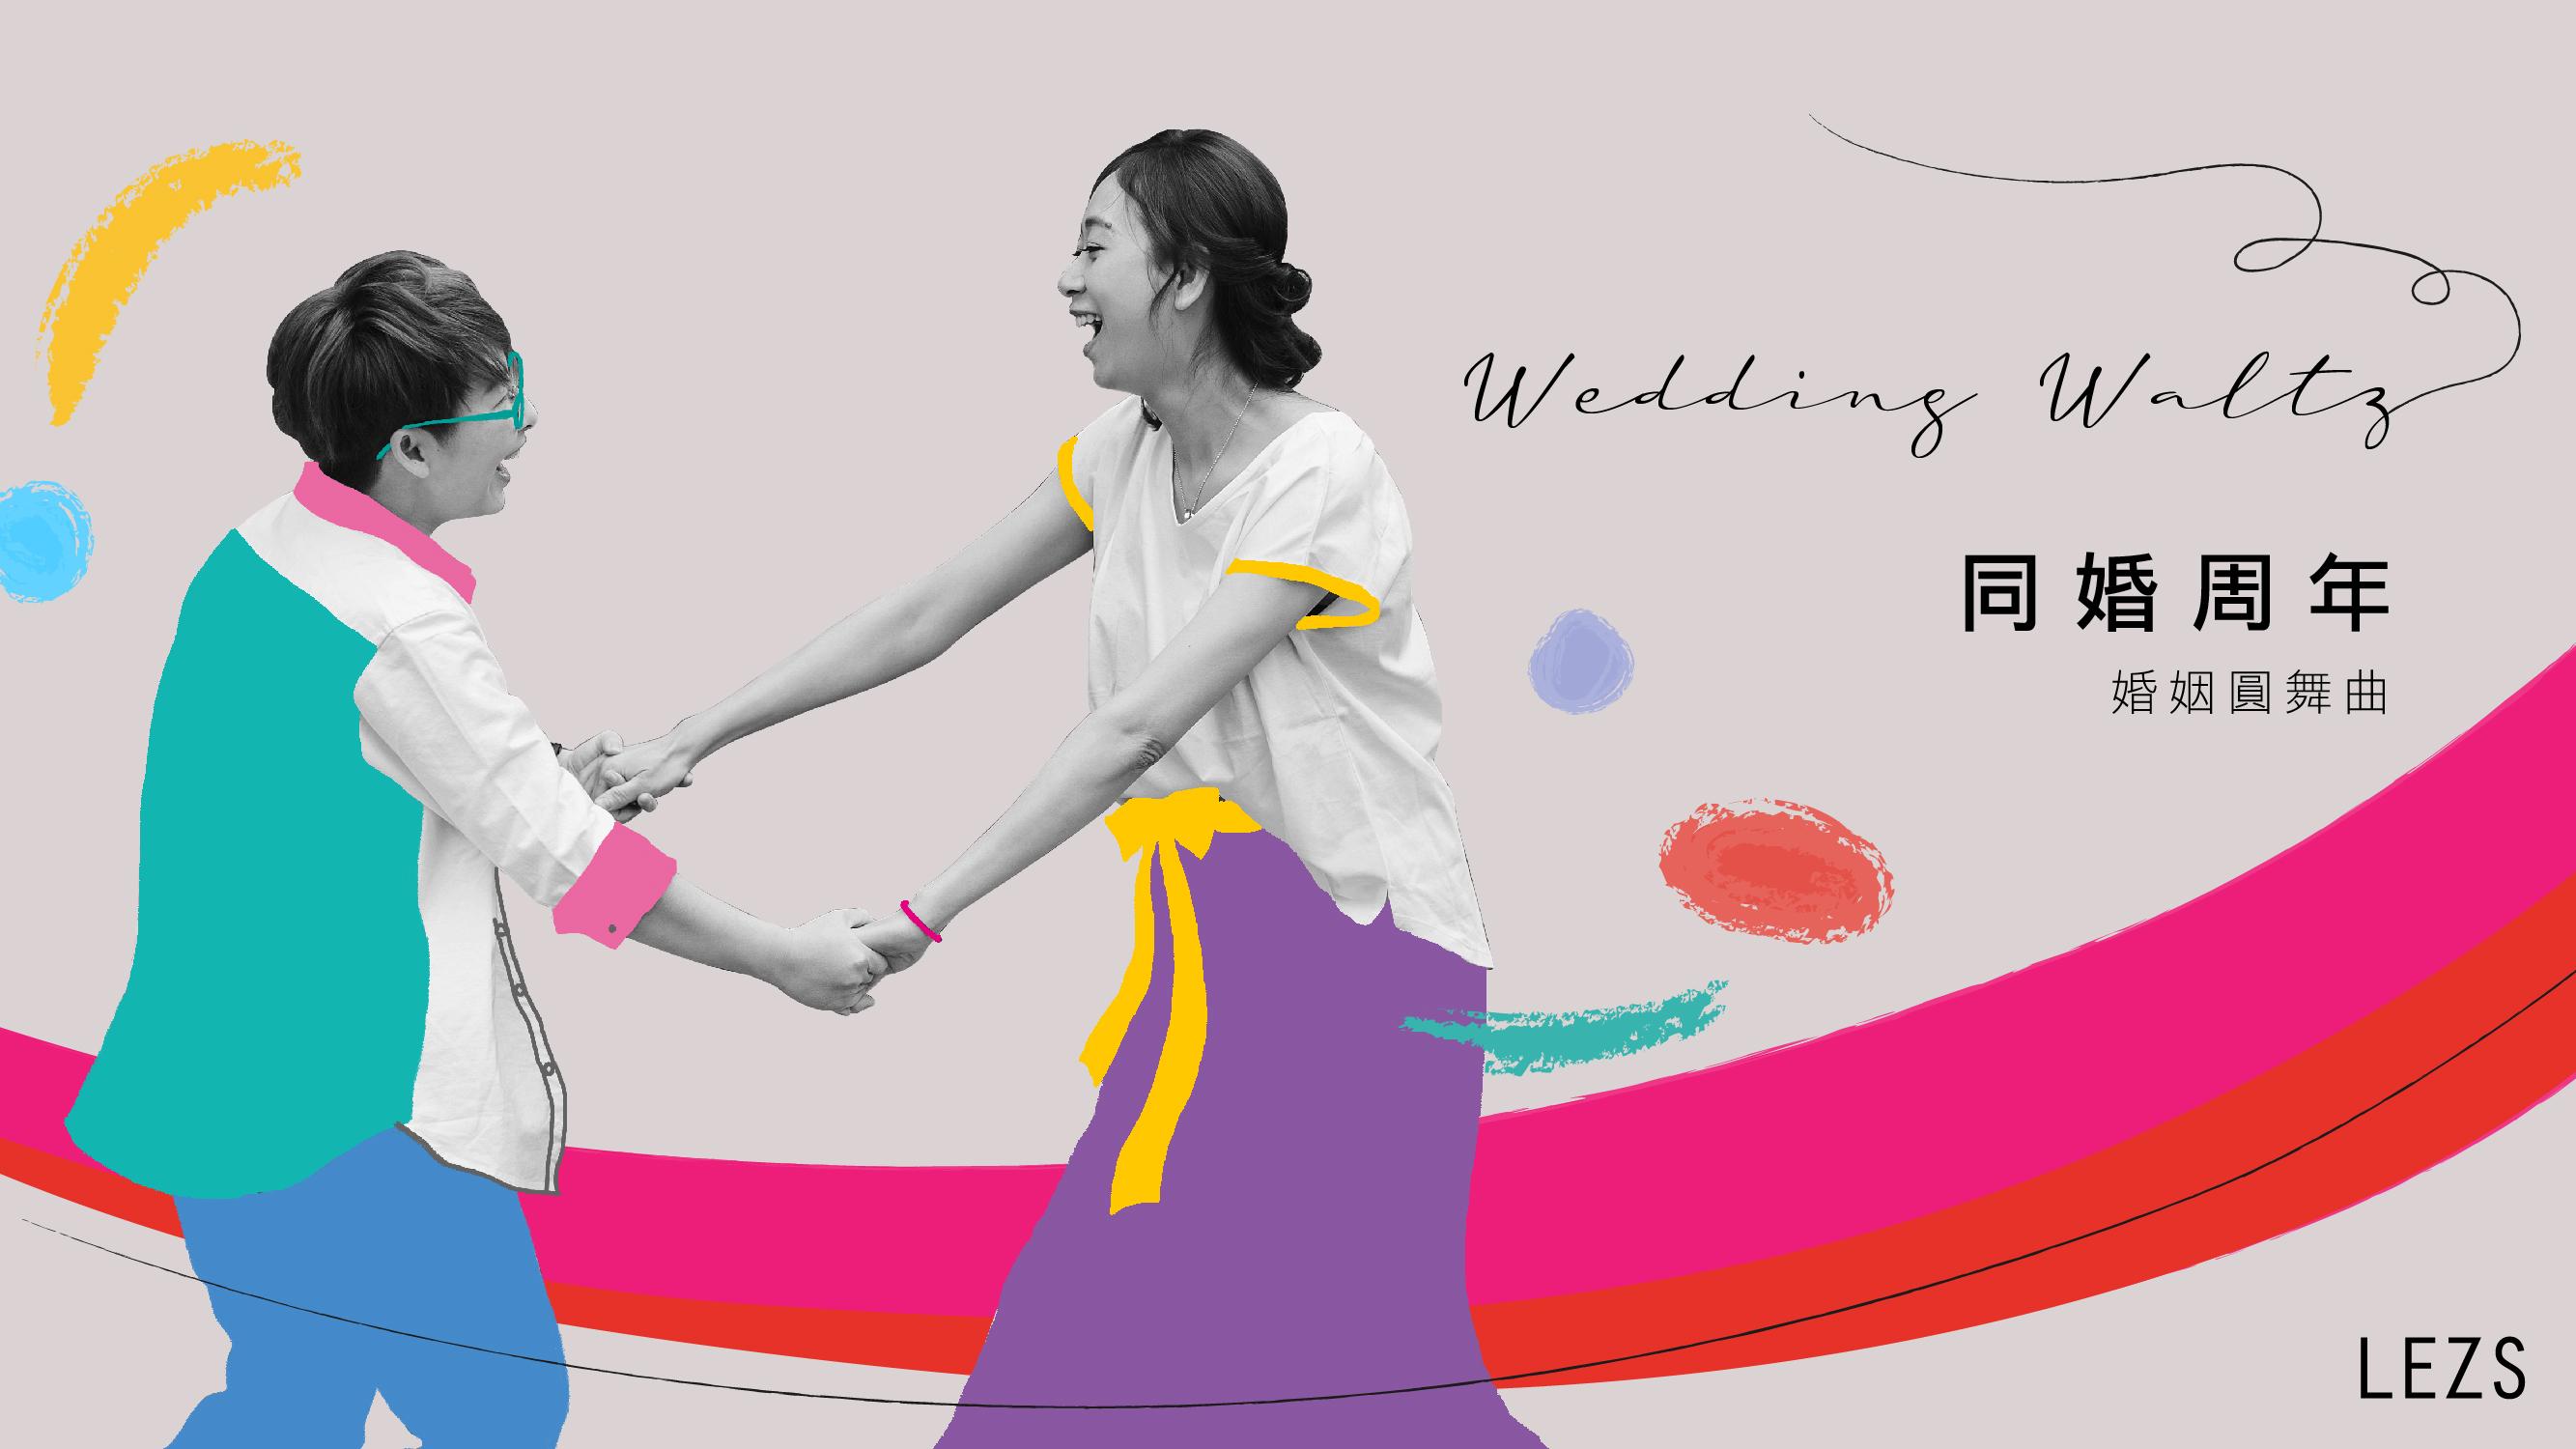 同婚周年·婚姻圓舞曲》LEZS同婚專題,有歡笑、有淚水,一同體驗婚姻奧秘